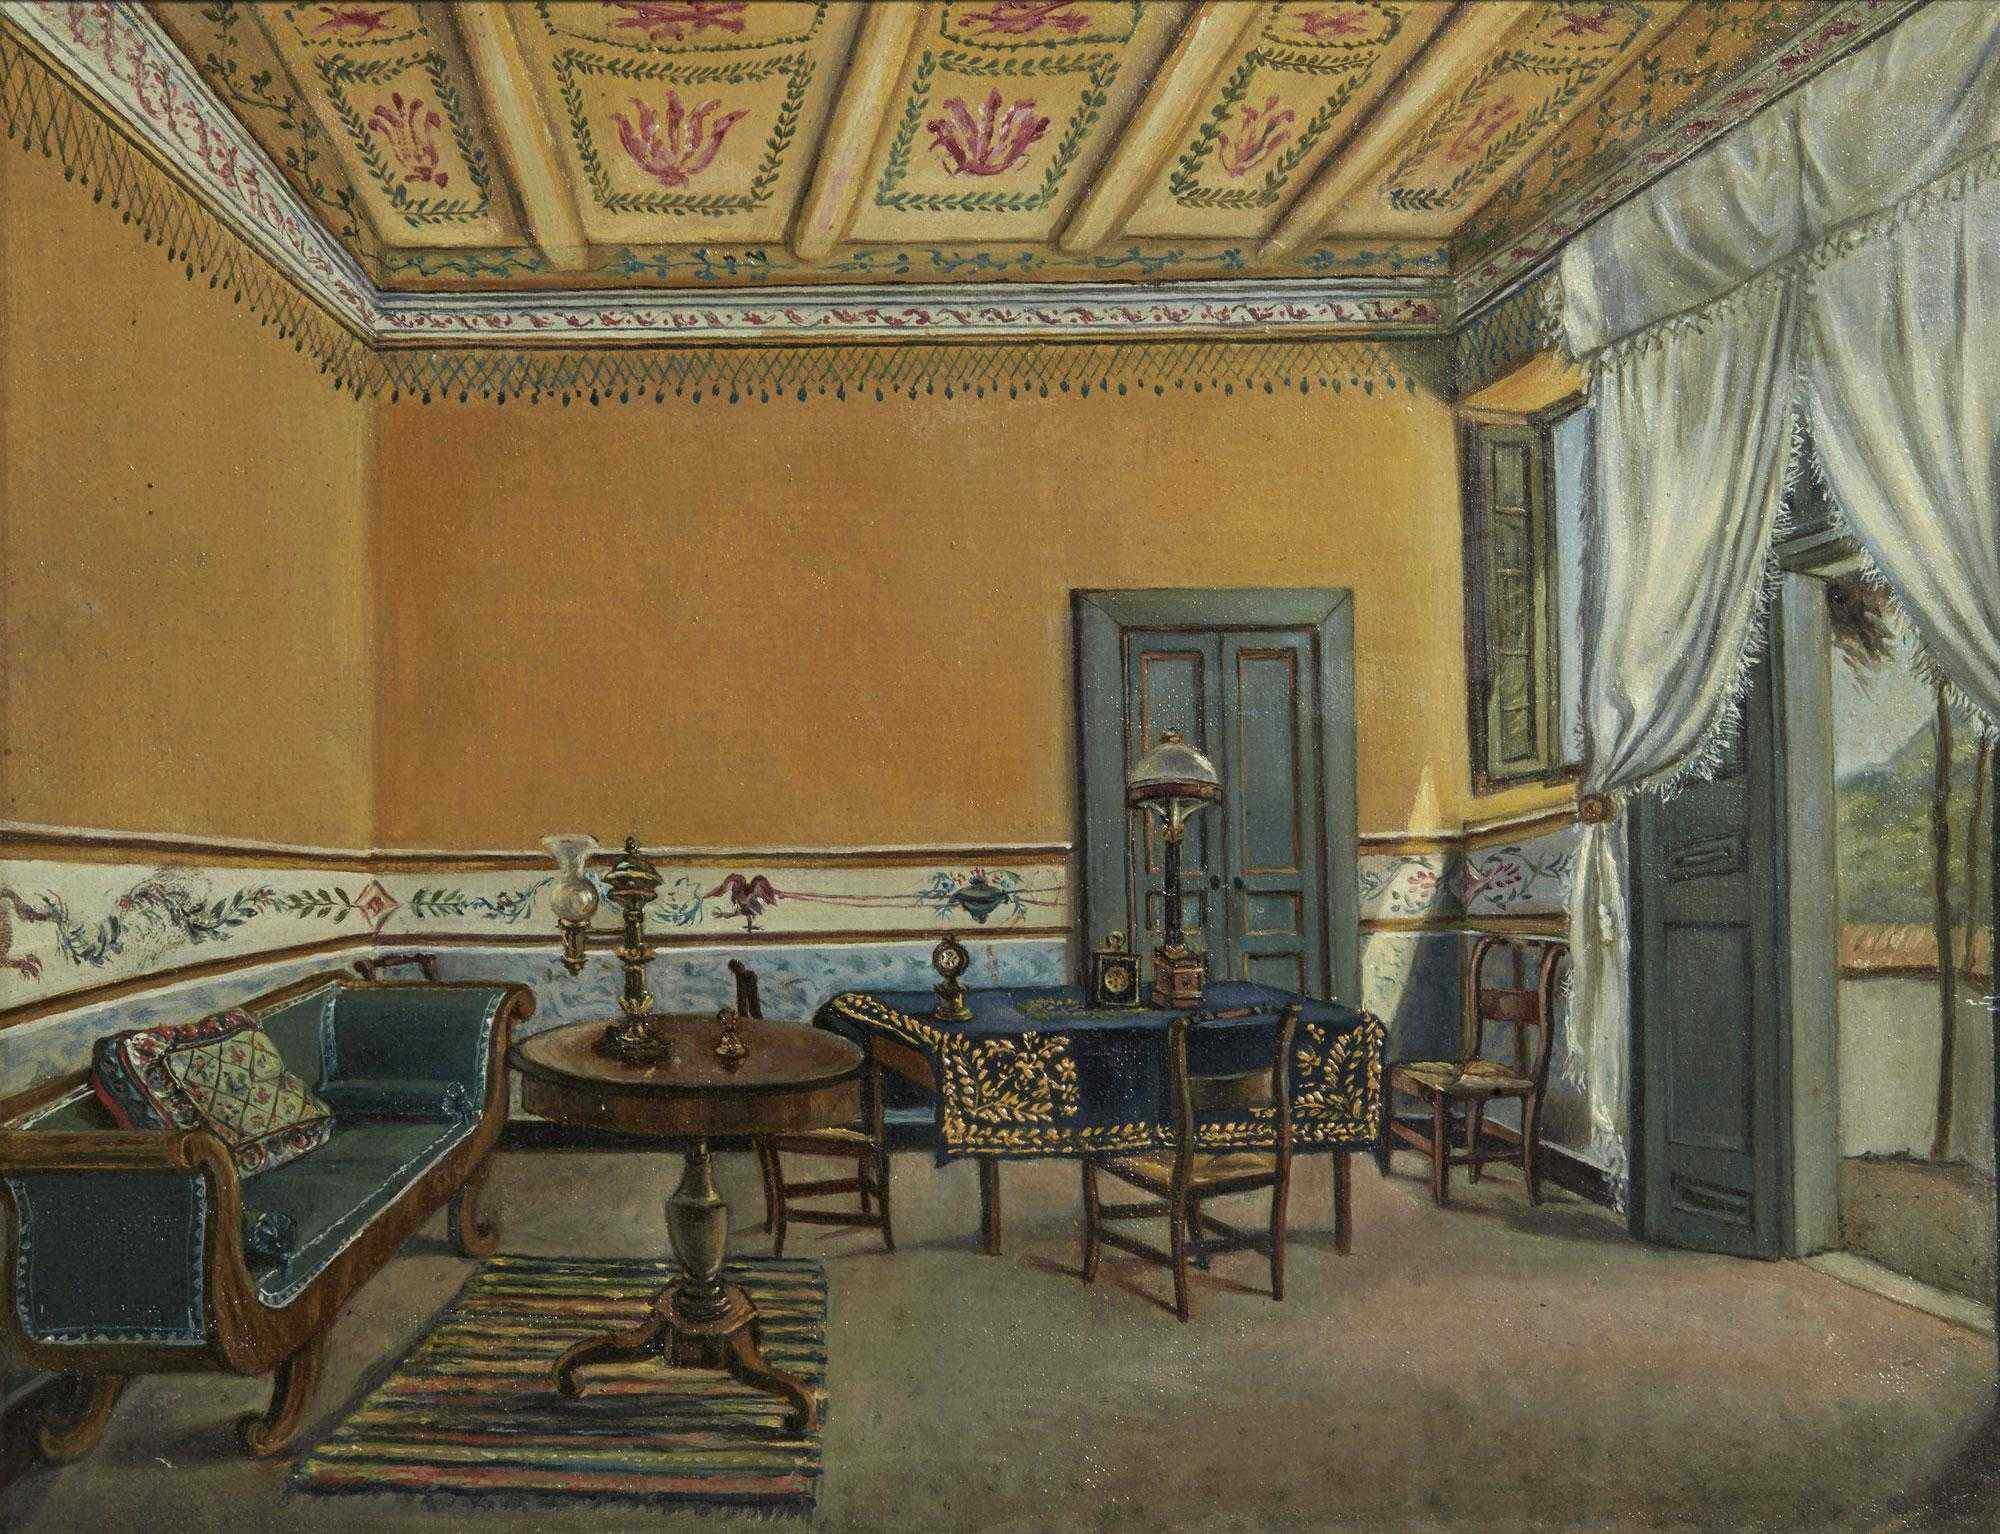 Interoir View, un salone a Ischia, Scuola Italiana 1829